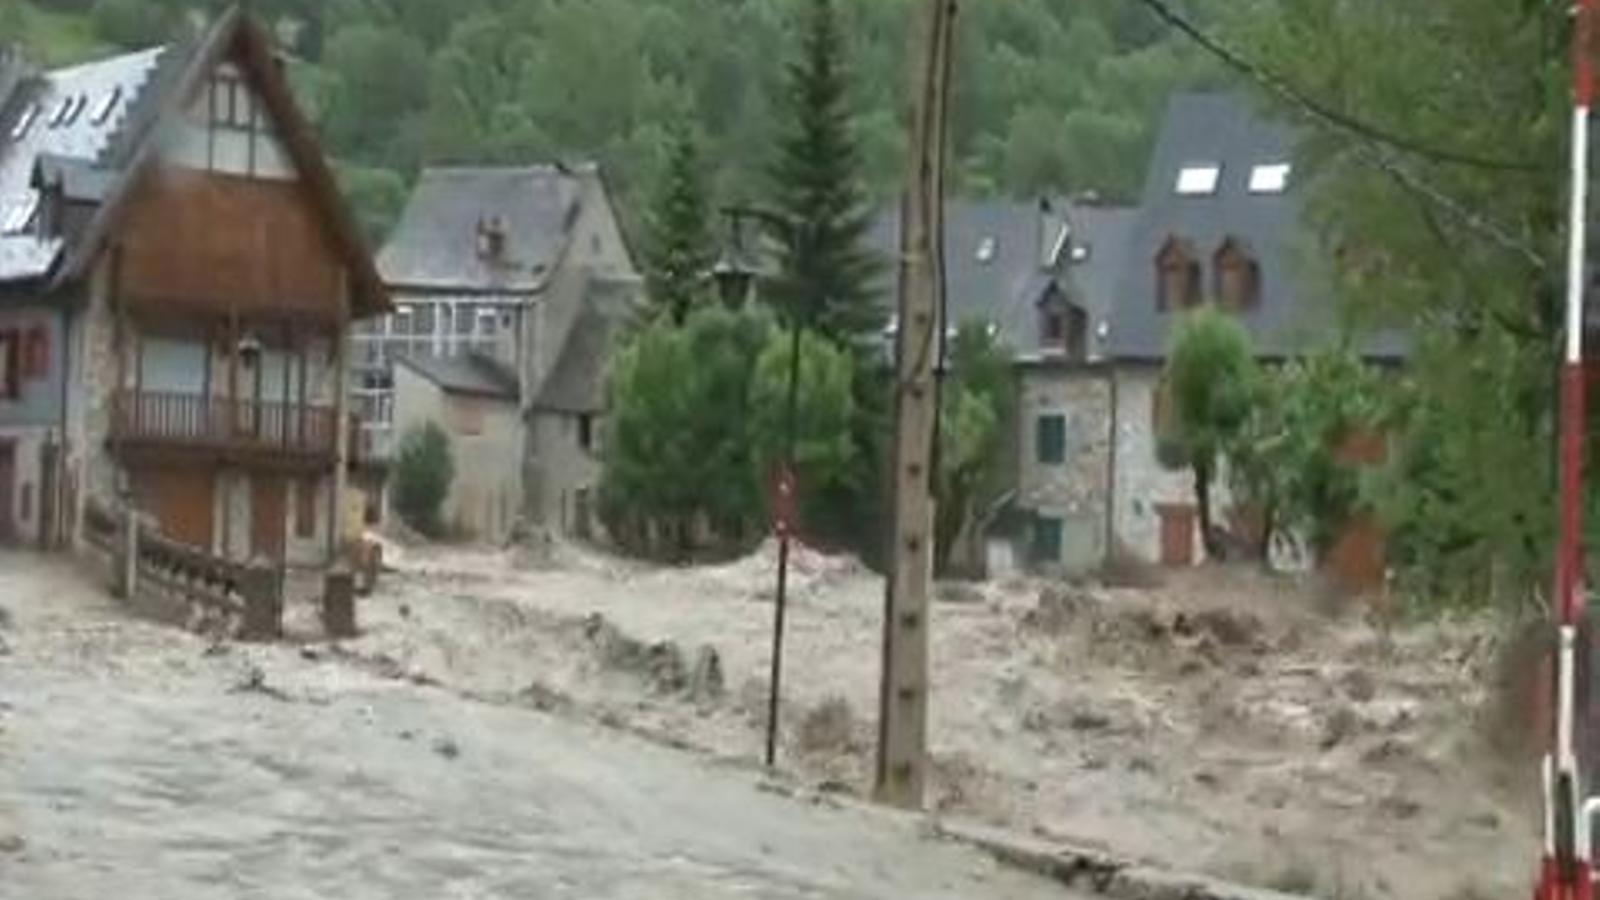 L'aigua de la Garona, desbordada, envaint el poble d'Arties